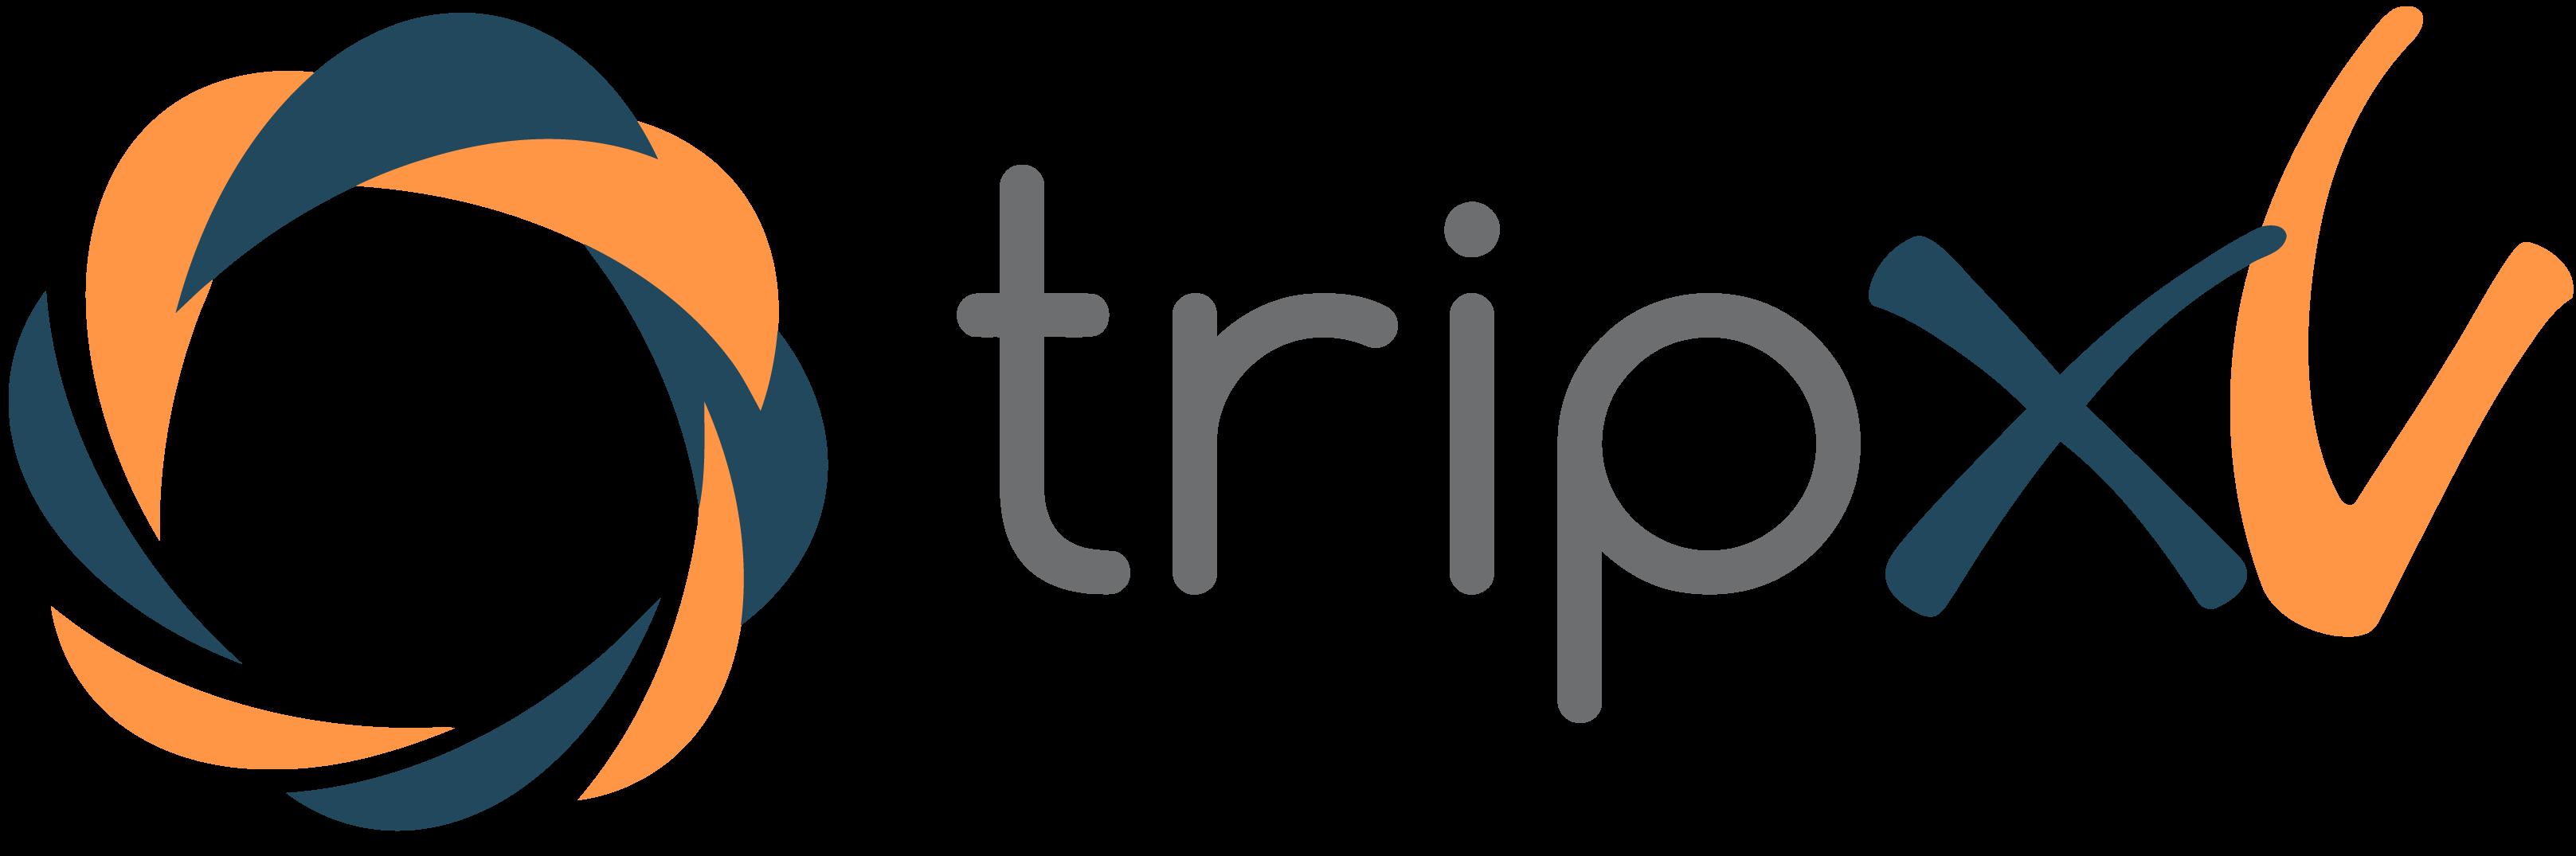 Tripxv logo